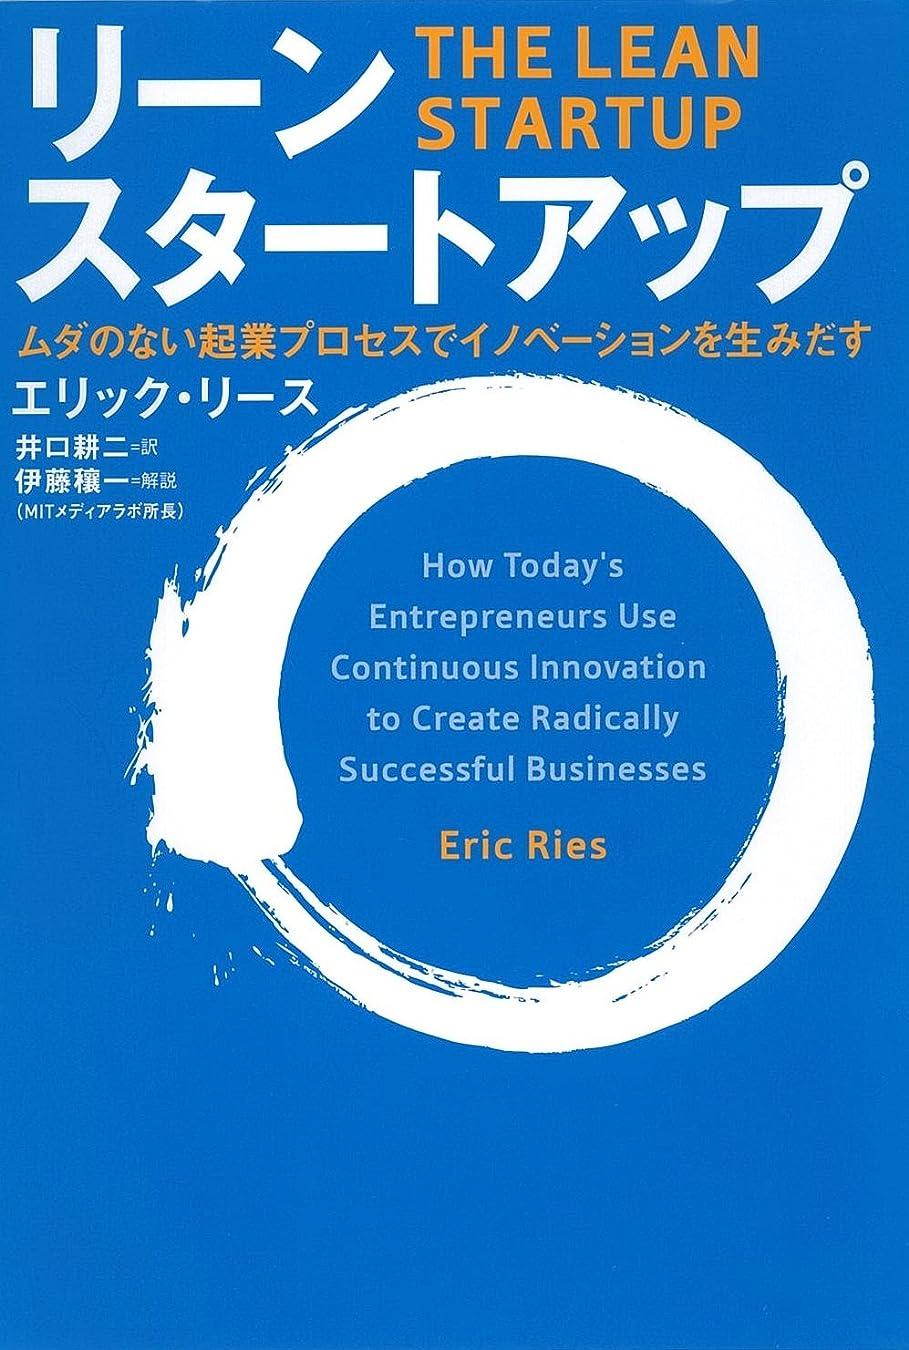 以降まだ北米リーン?スタートアップ ムダのない起業プロセスでイノベーションを生みだす